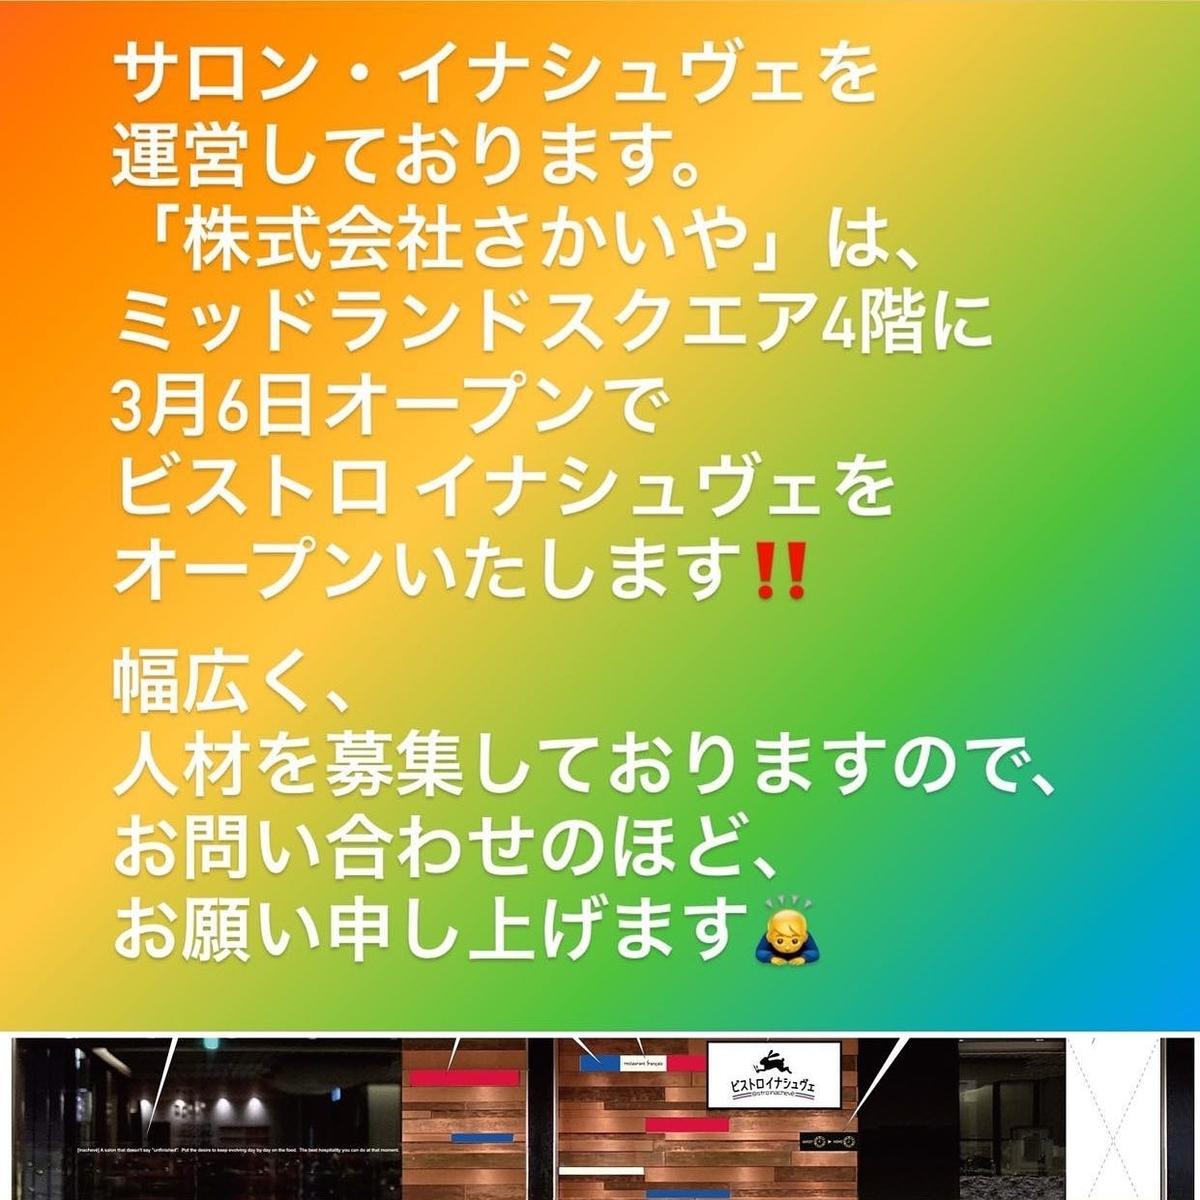 f:id:hihararara:20210203224822j:plain